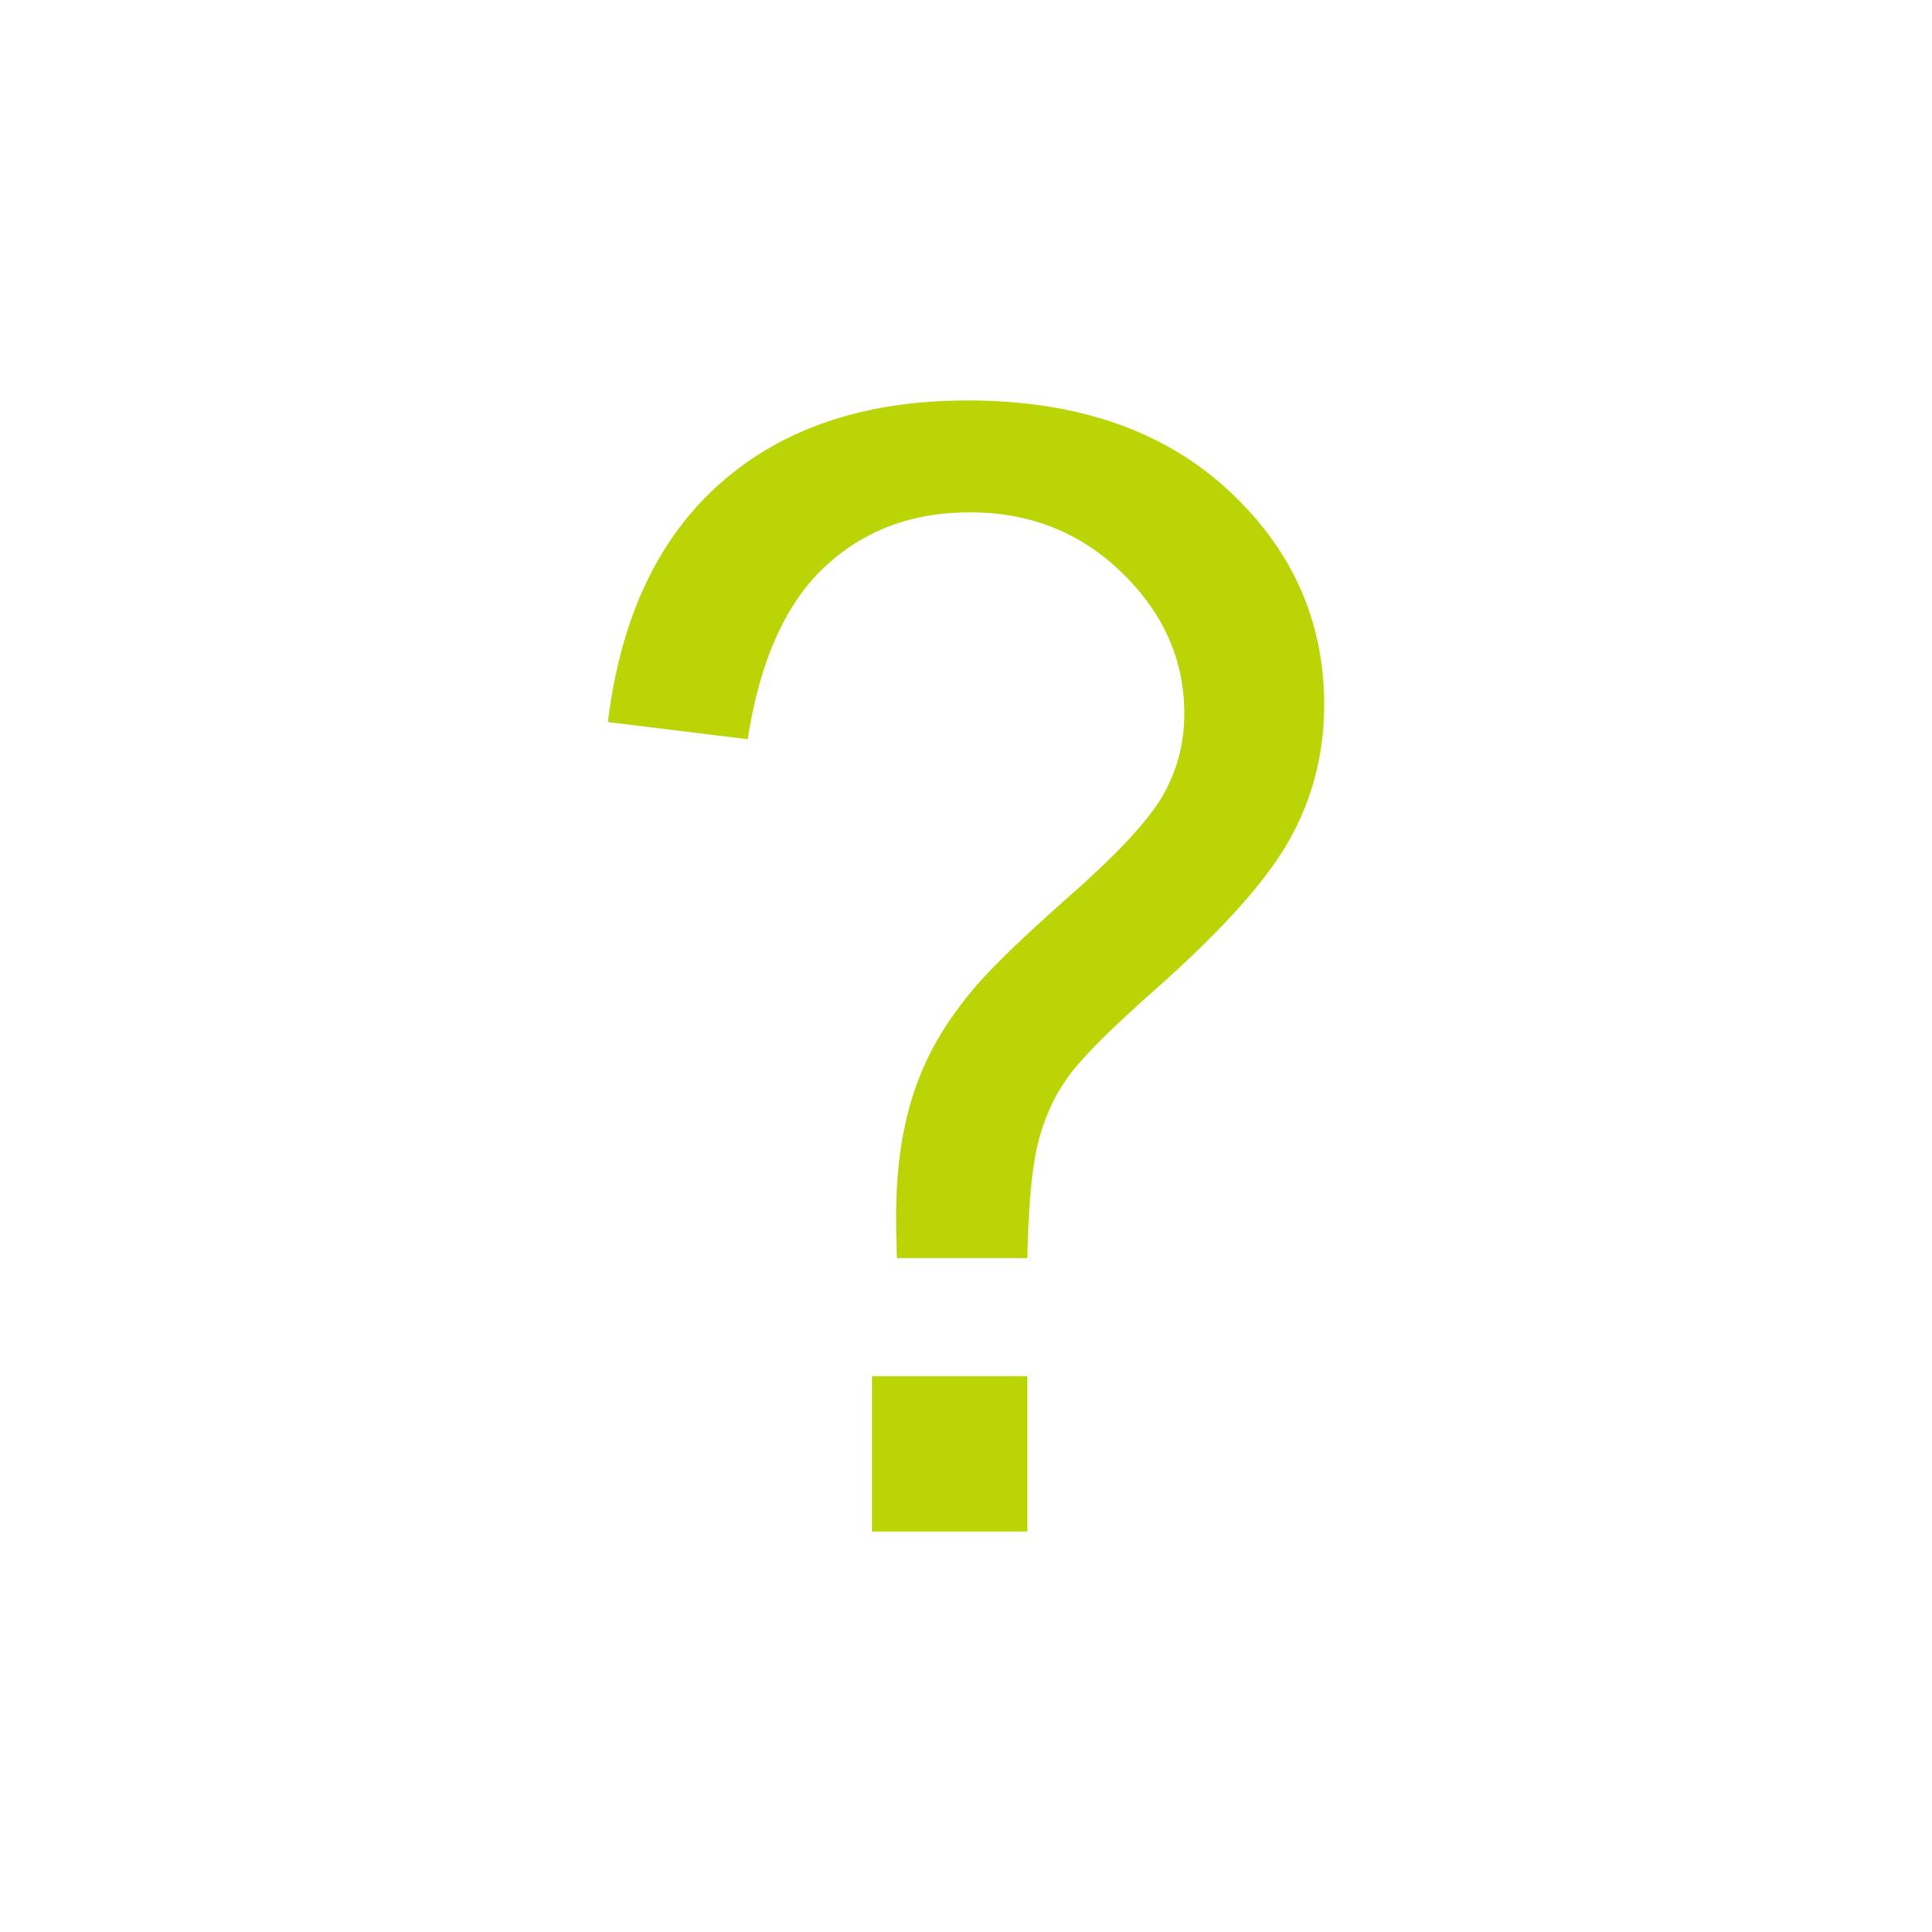 pitanje.png